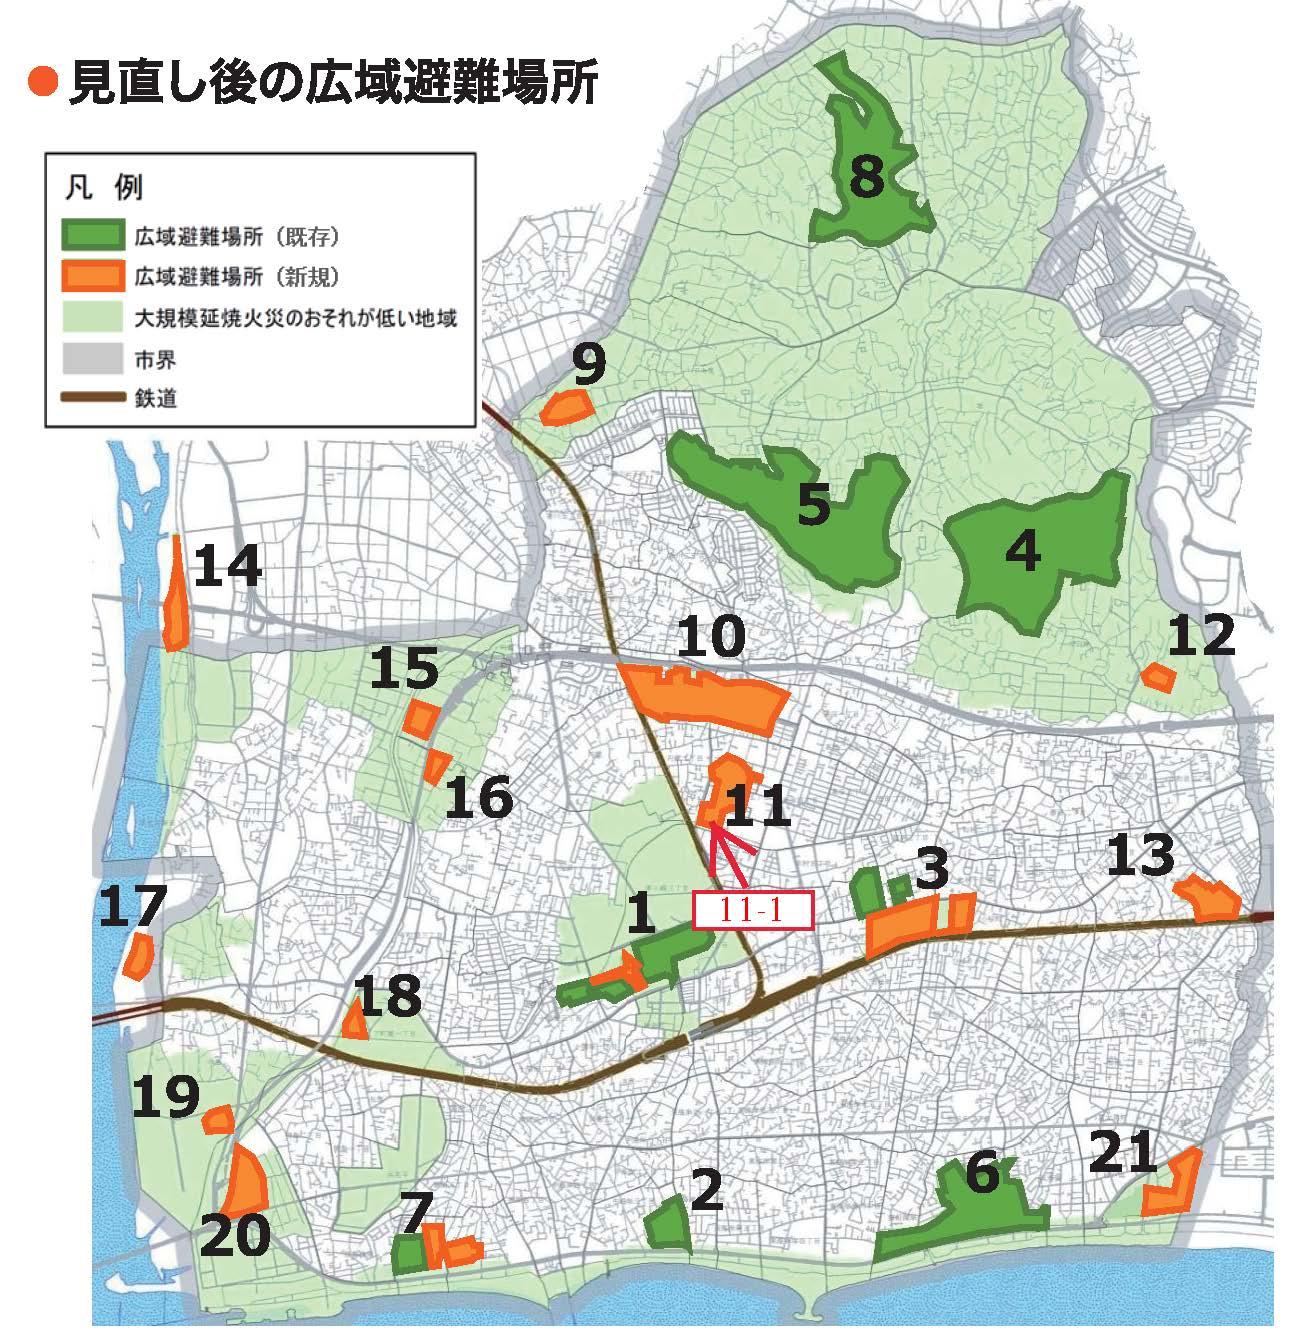 11-1.広域避難場所_茅ヶ崎市地図